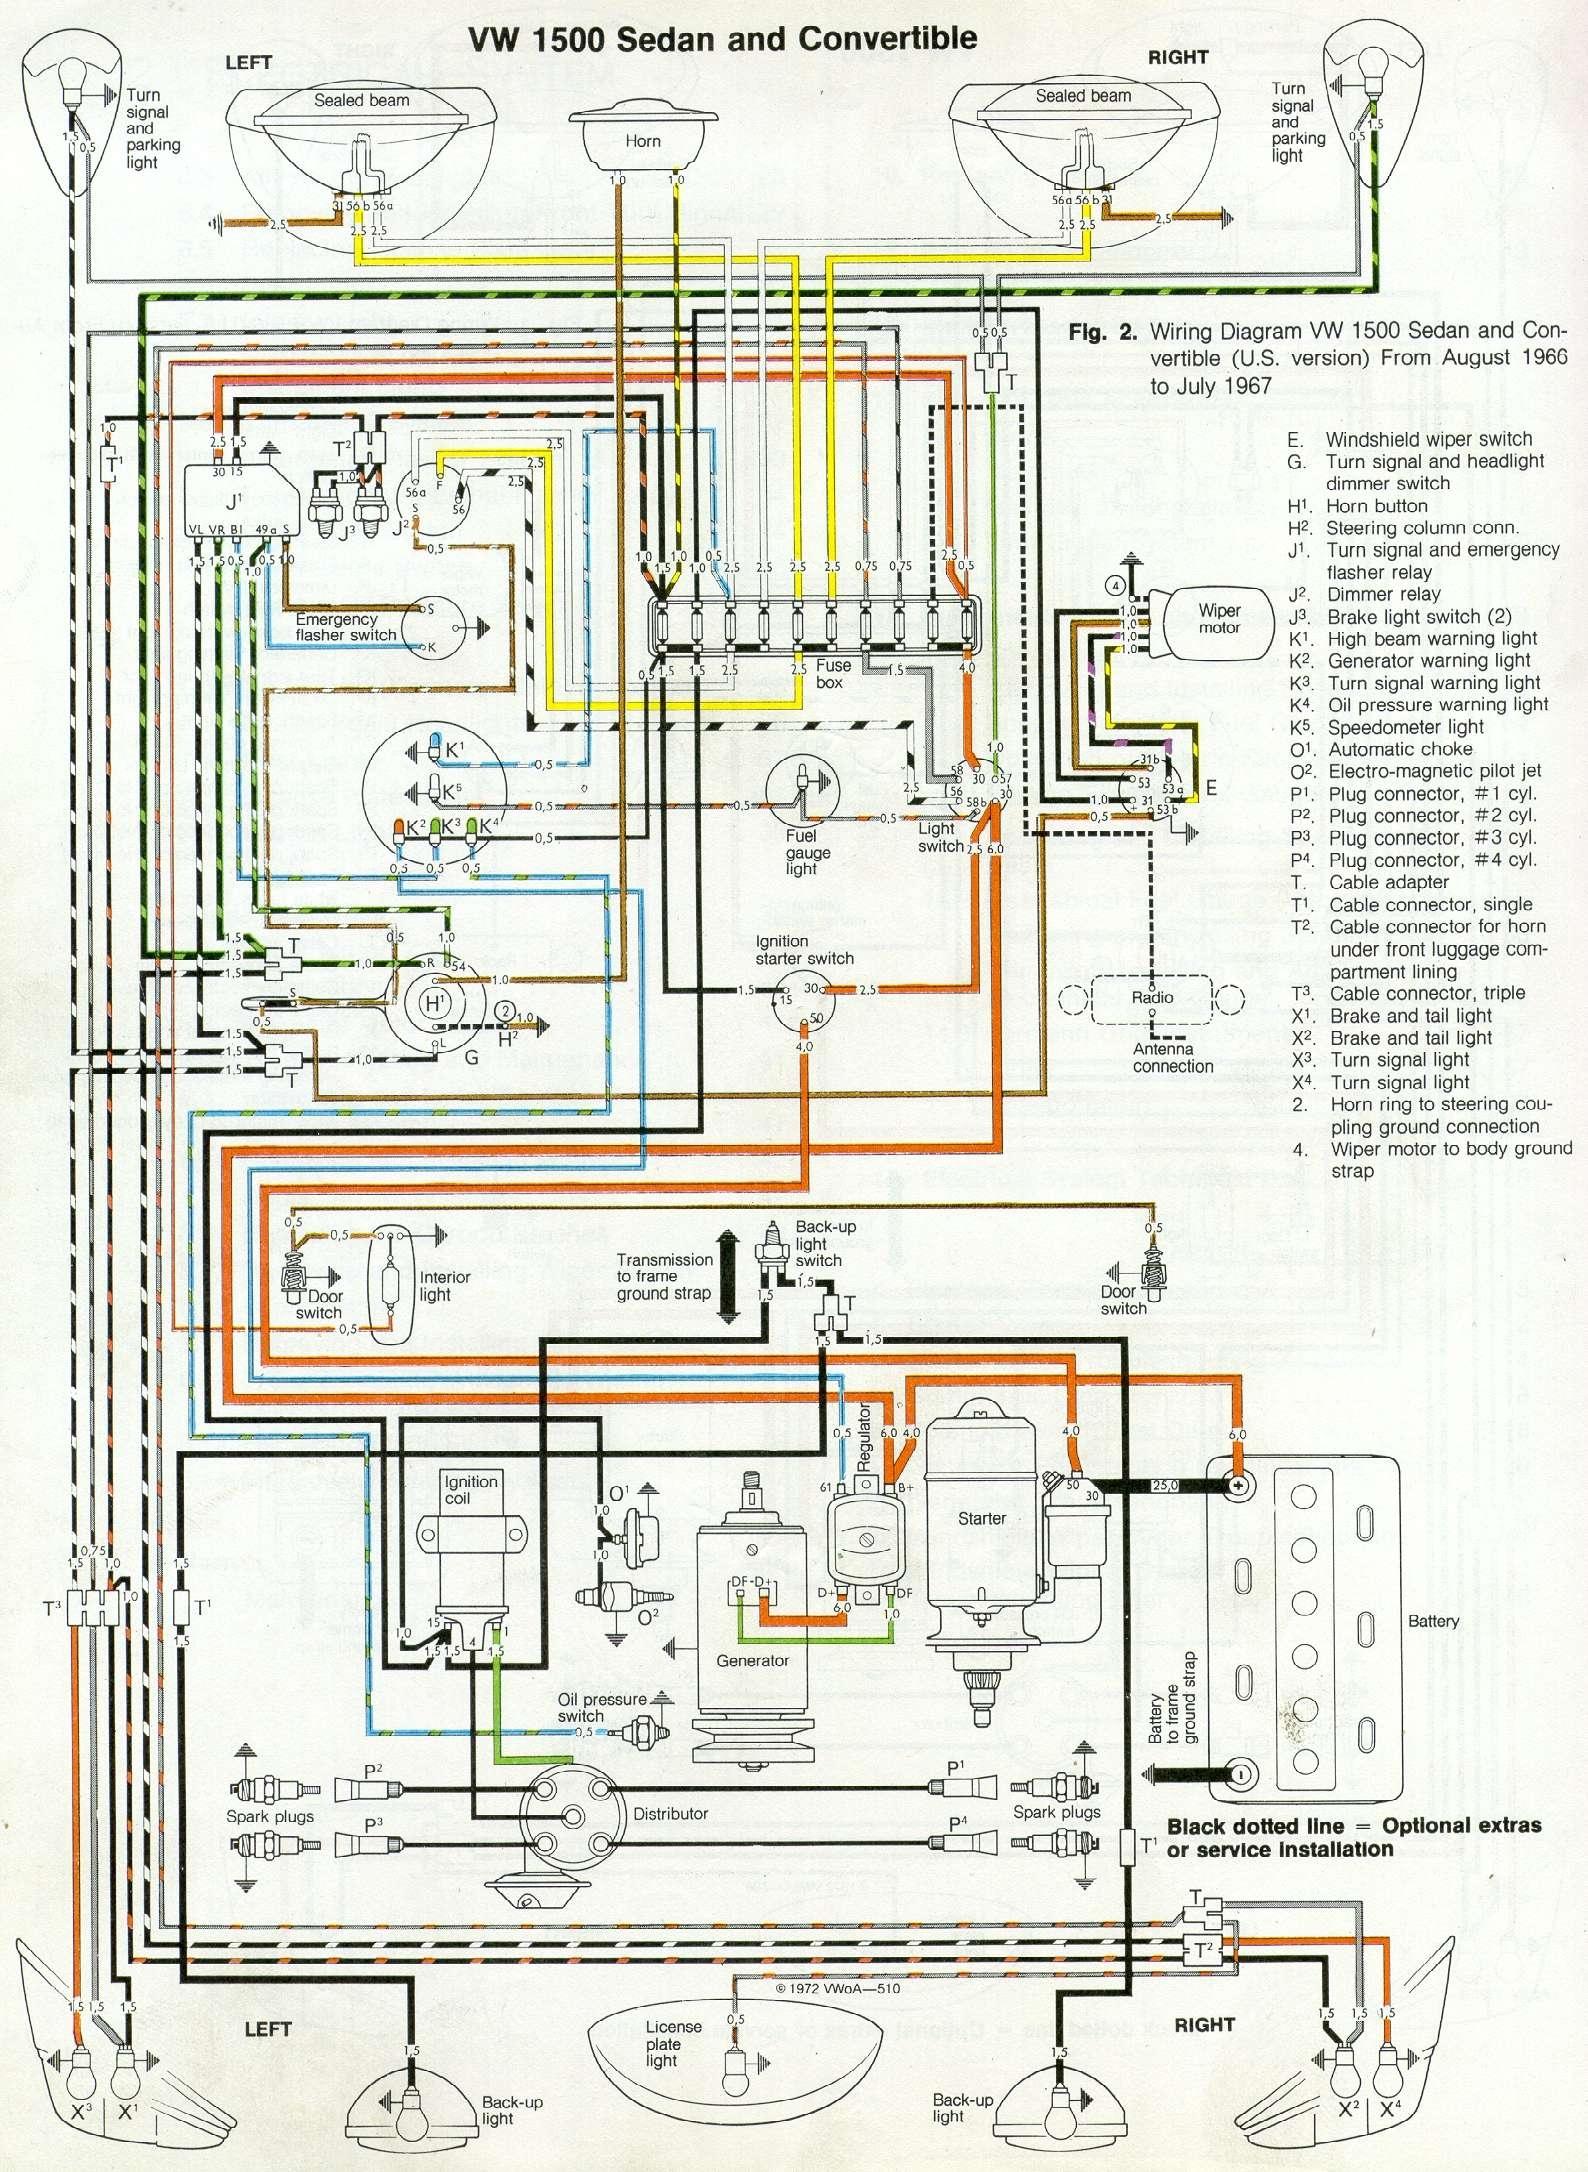 1963 Vw Beetle Wiper Motor Wiring Diagram Electrical Diagrams 1966 Easy U2022 Voltage Regulator